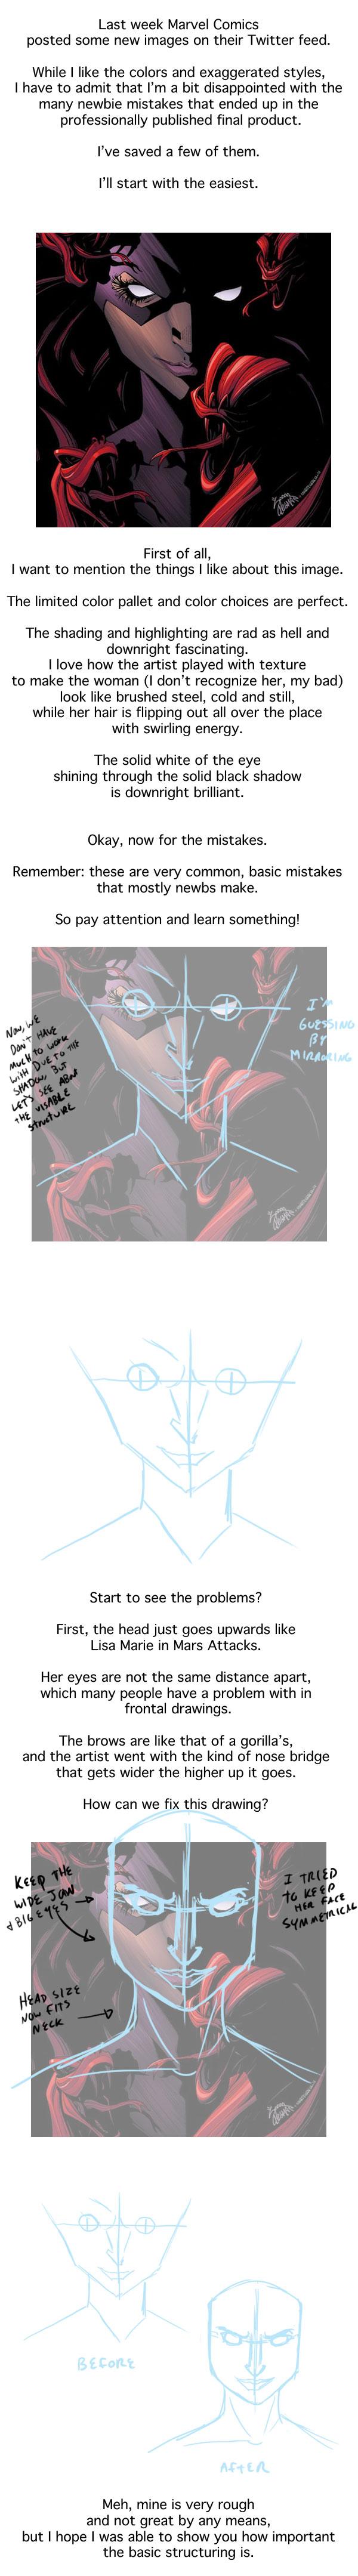 Marvel Proposal